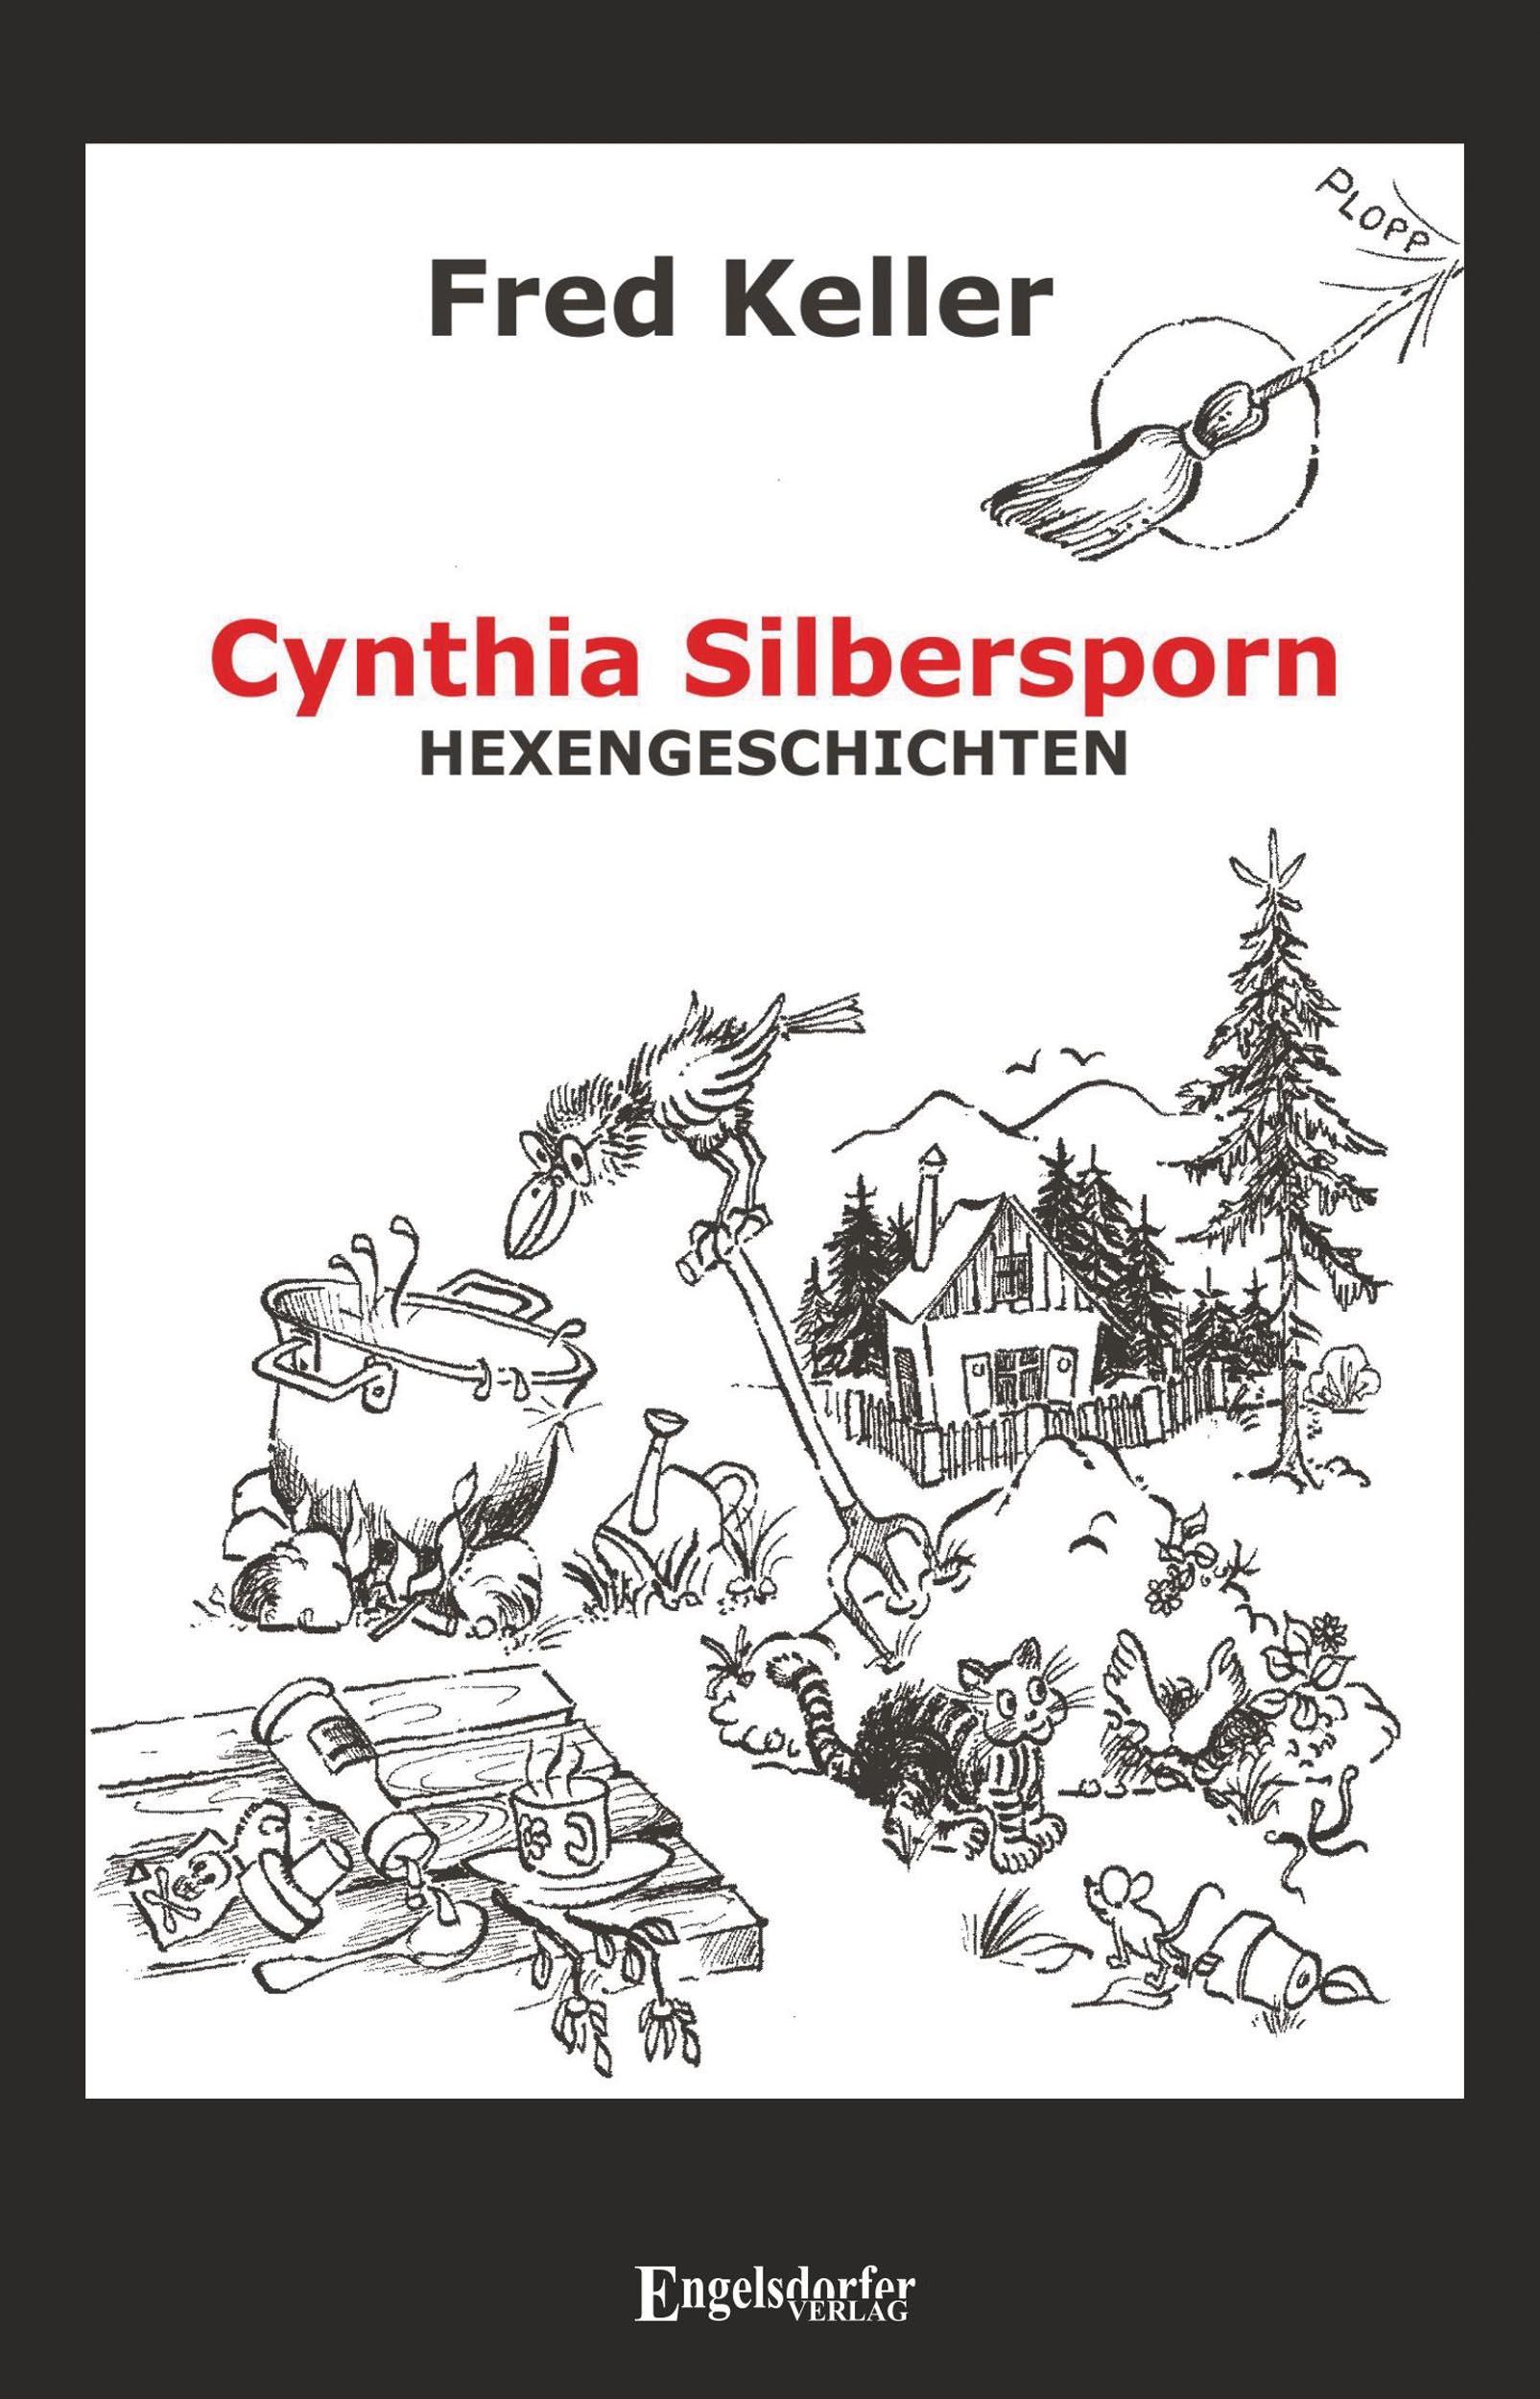 NEU-Cynthia-Silbersporn-Fred-Keller-088837